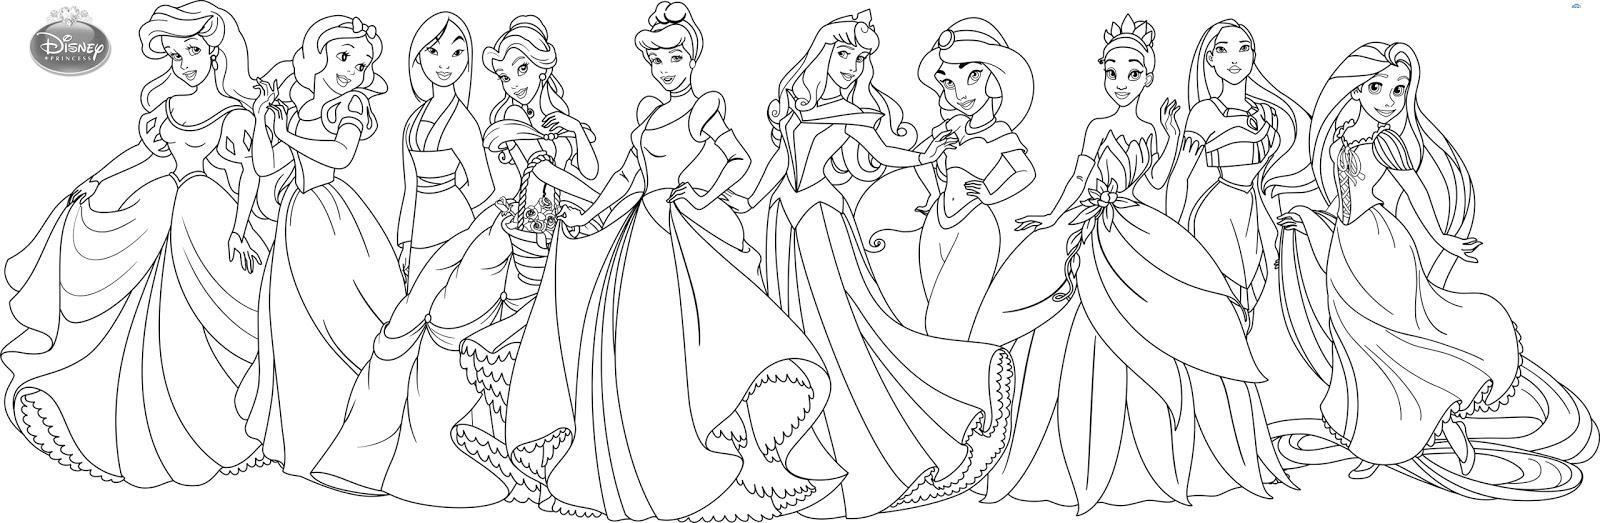 Десять принцесс диснея Раскраски для девочек распечатать